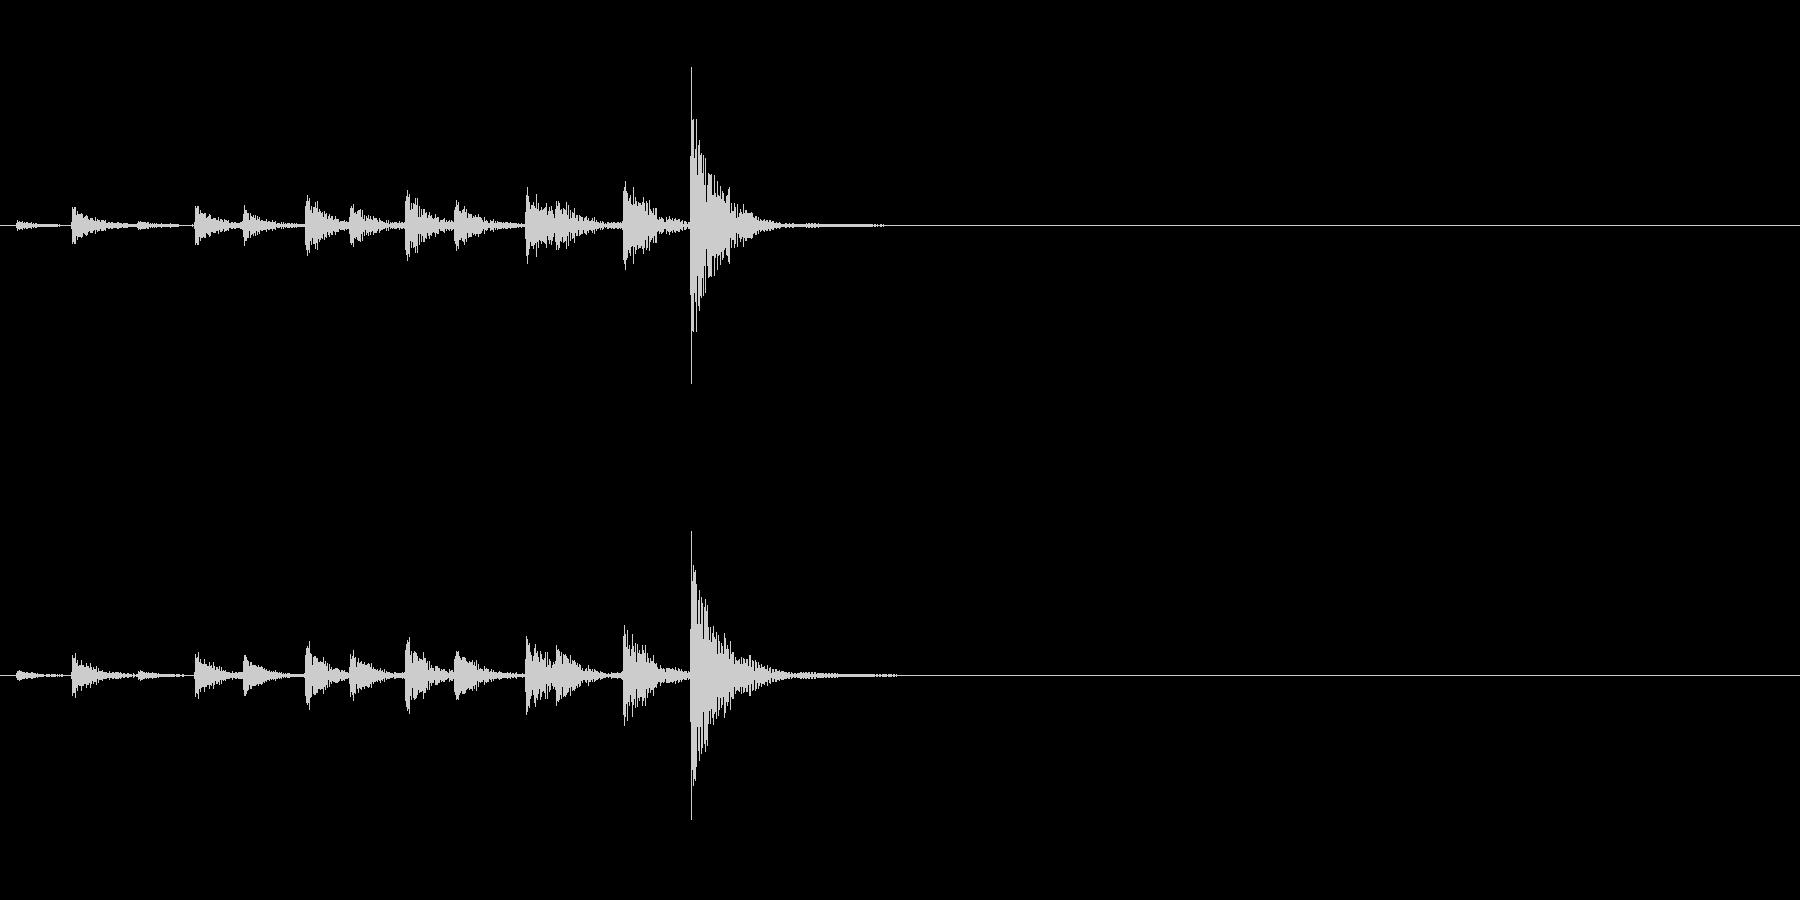 相撲などの触れ太鼓「大拍子」の連続音1の未再生の波形